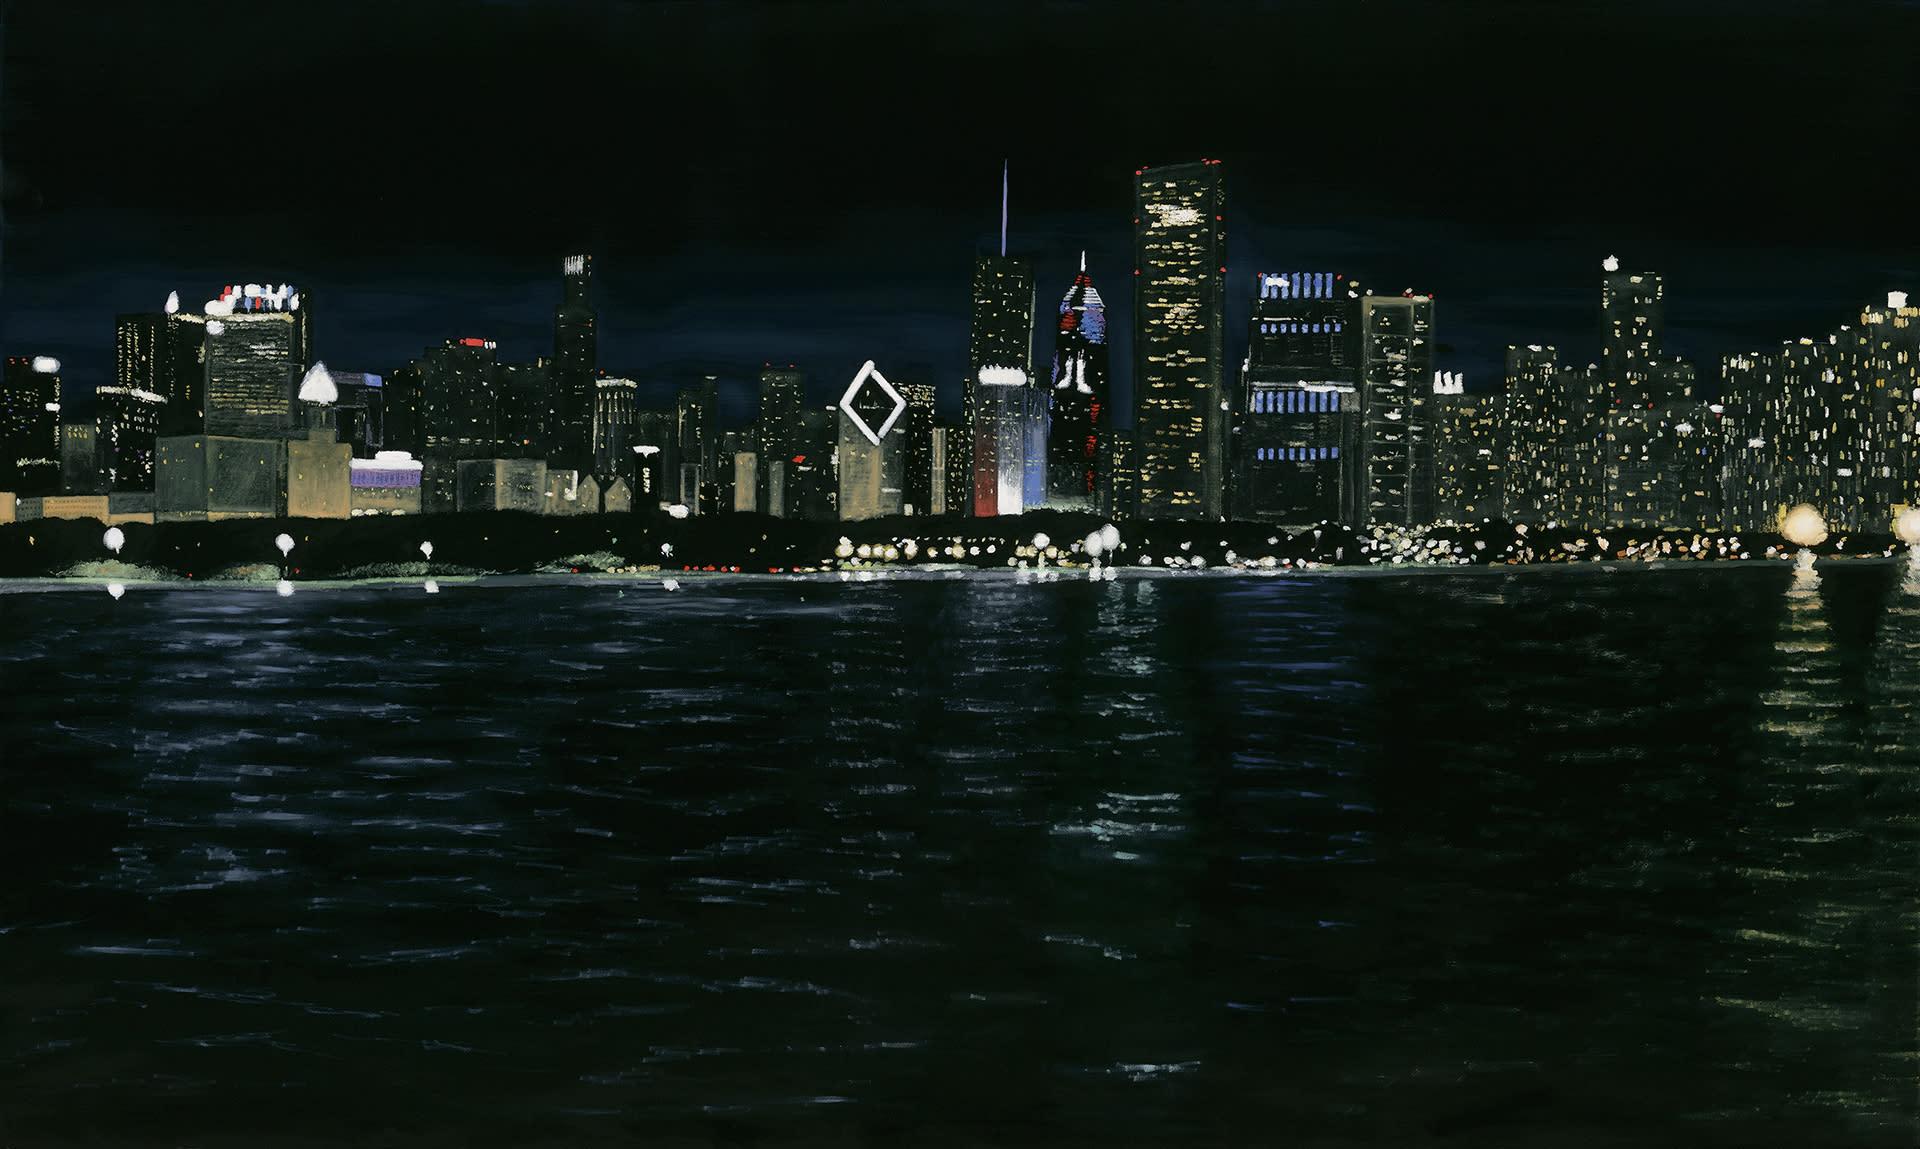 Chicago skyline at night 2020 web g0voby